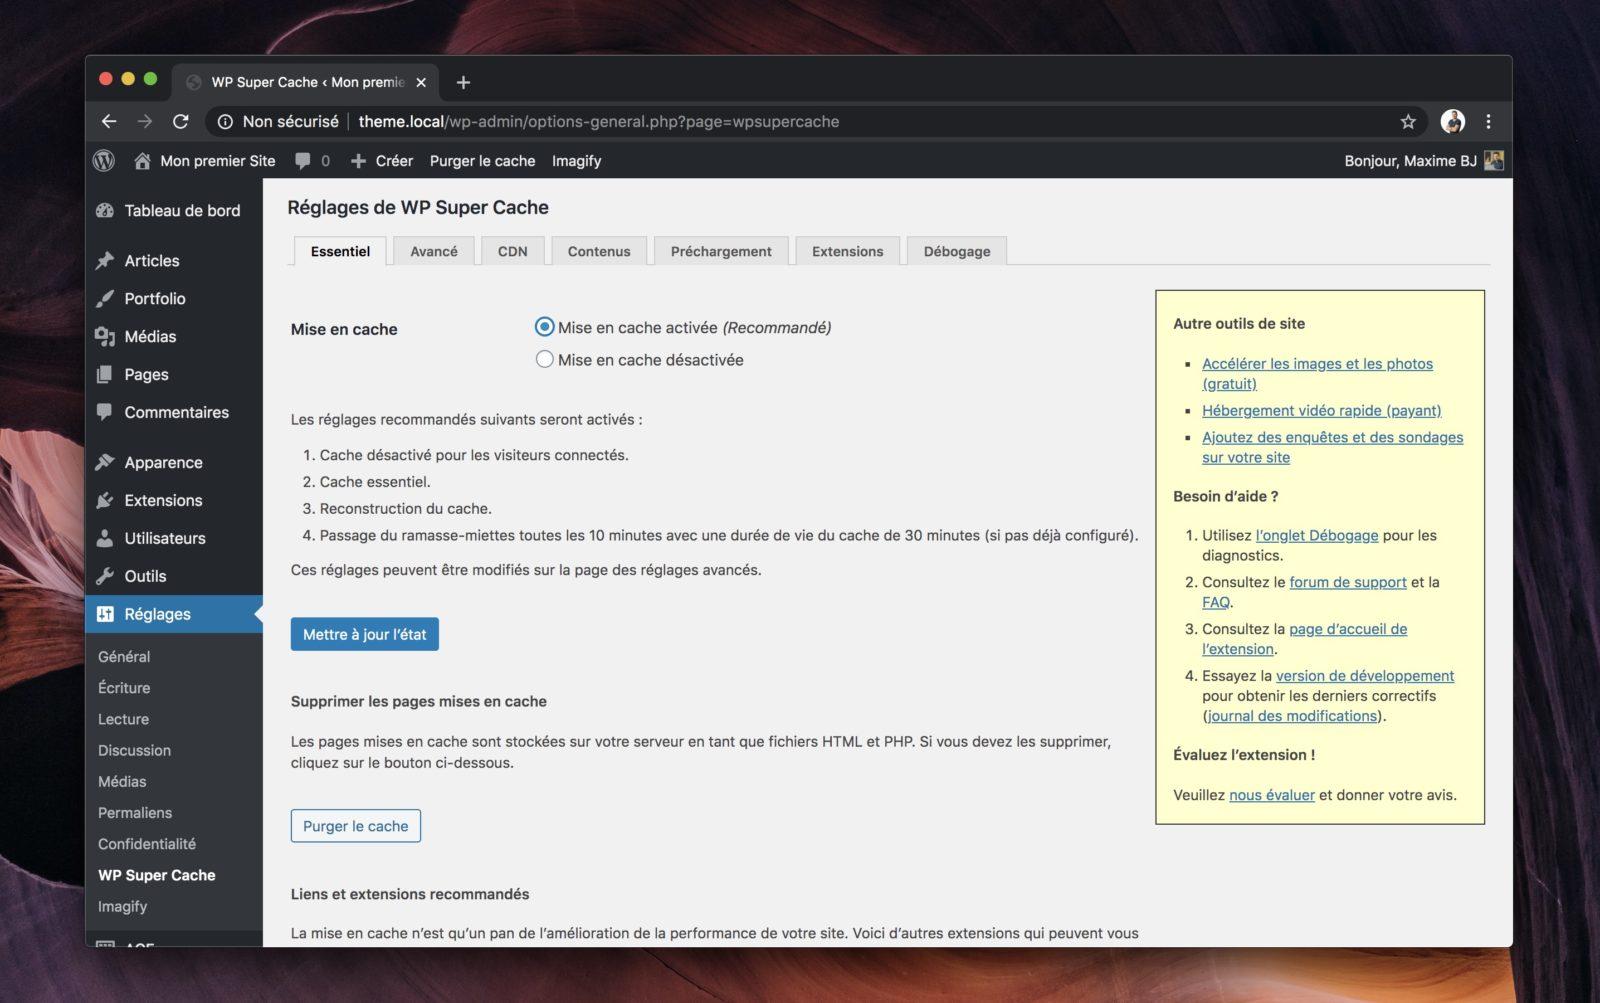 Capture d'écran de la page de configuration de WP Super Cache